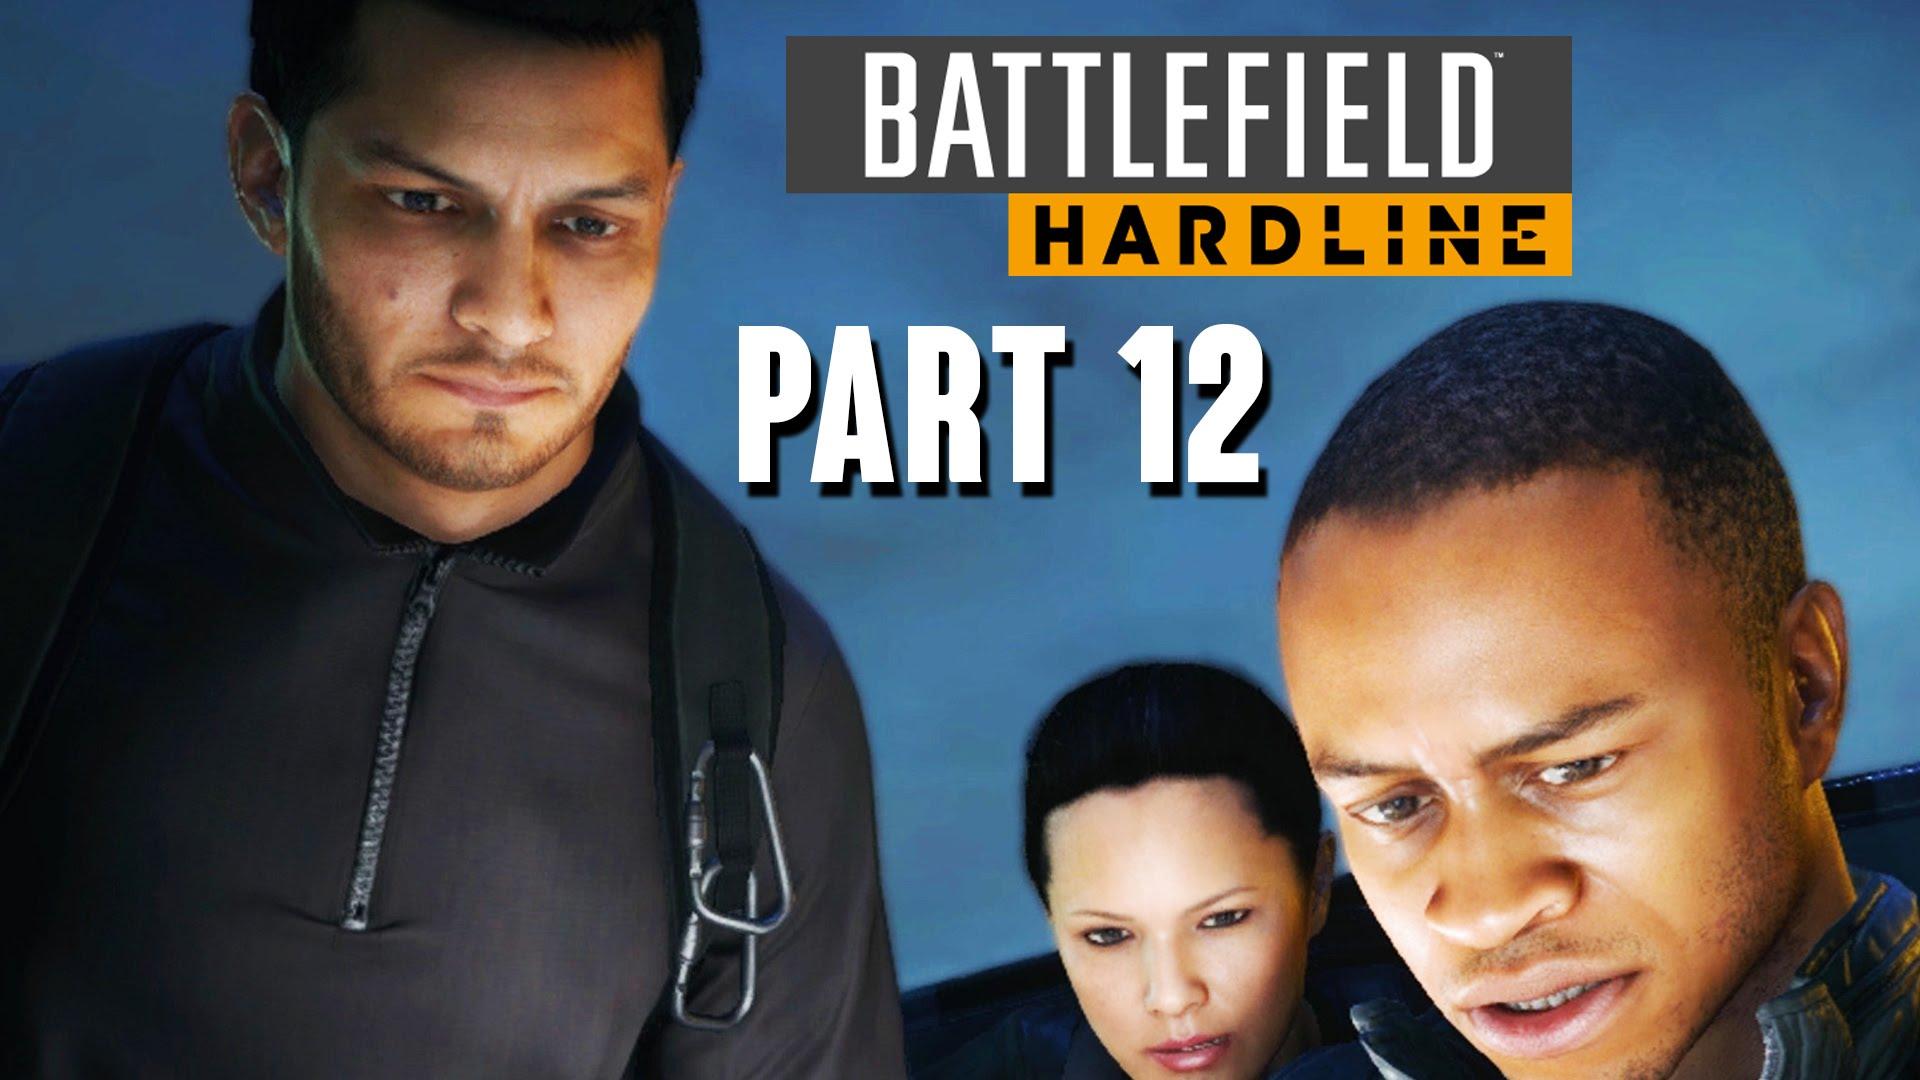 بتلفیلد هاردلاین مرحله 12 - Battlefield Hardline-PC